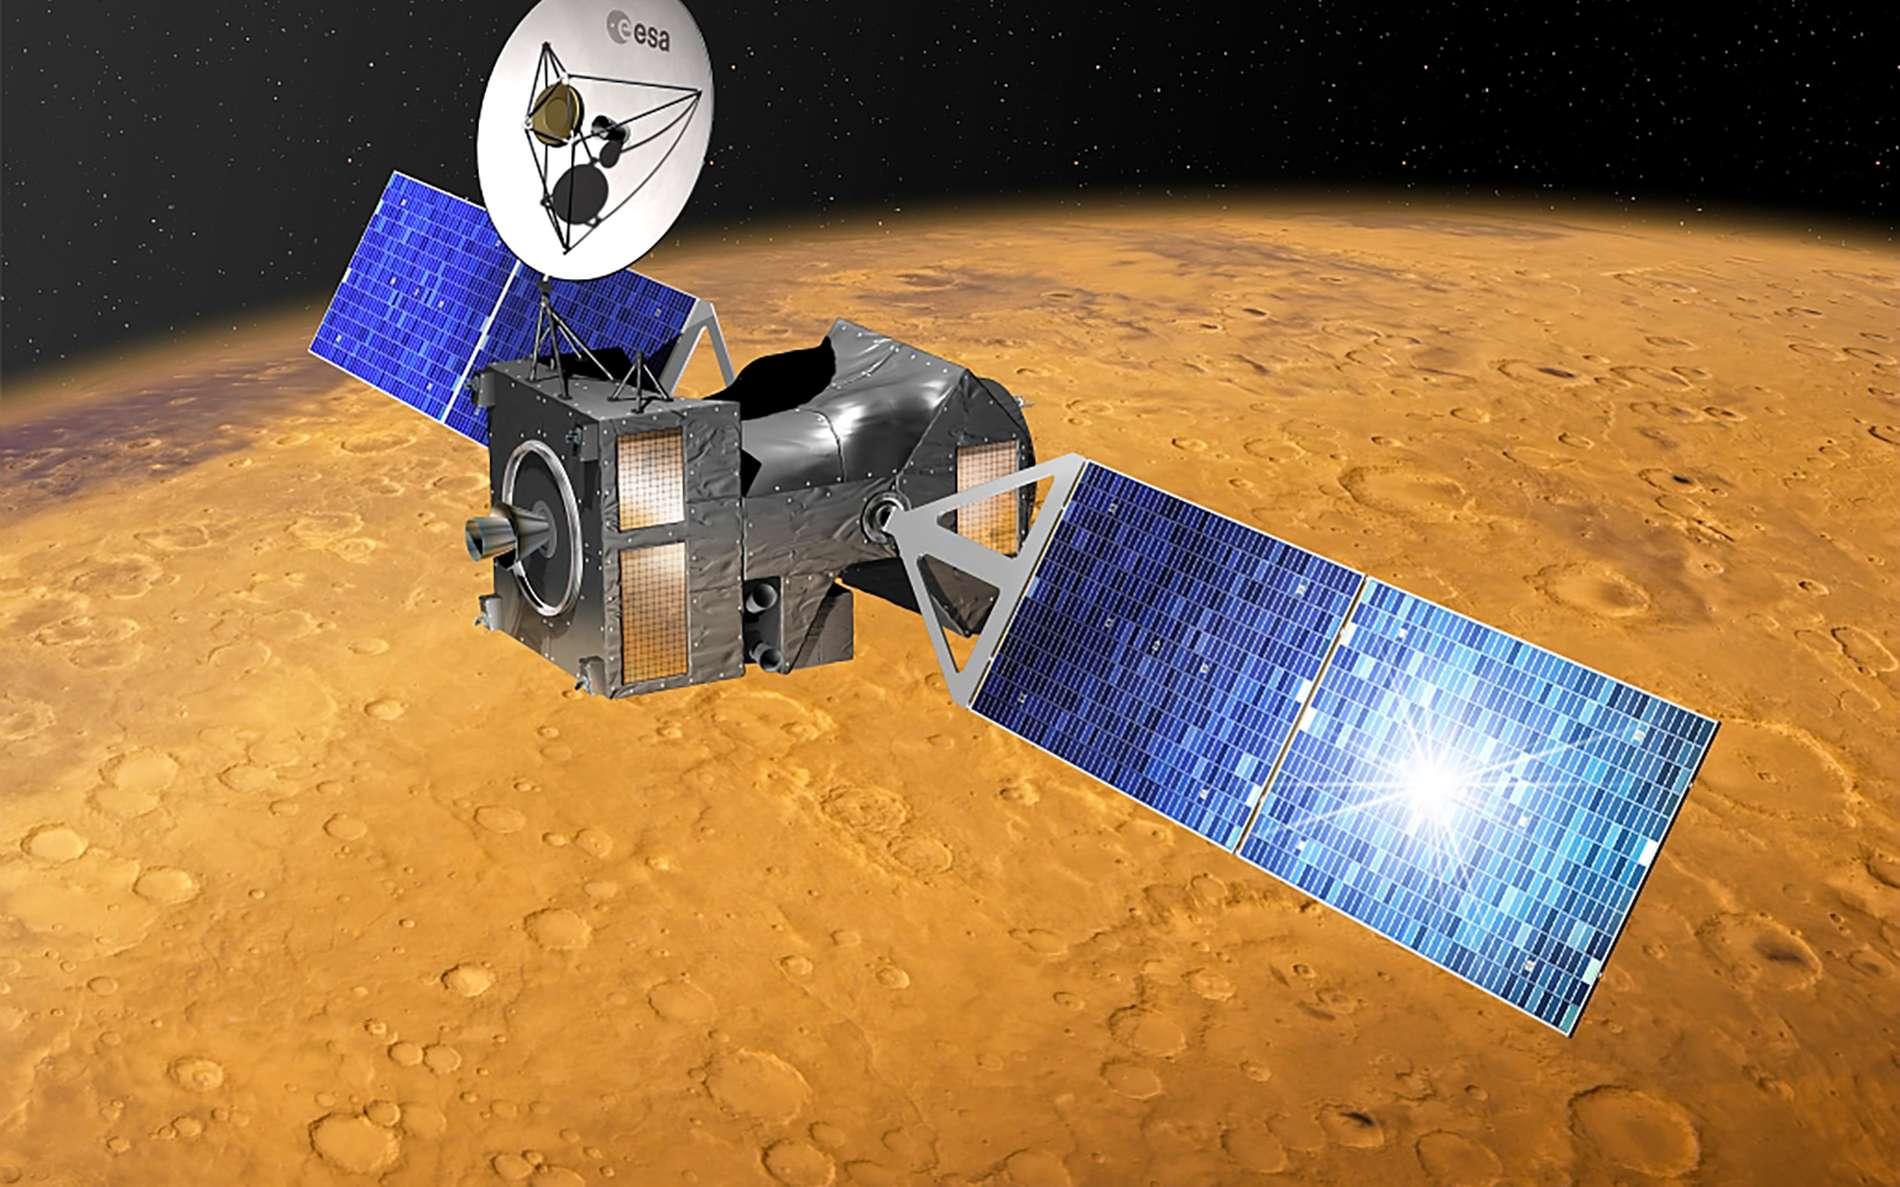 La sonde TGO de l'Agence spatiale européenne (mission ExoMars 2016) a été lancée en mars 2016 et a atteint Mars en octobre 2016. Elle a rejoint son orbite définitive autour de Mars en avril 2018, après une phase d'aérofreinage de plusieurs mois. © ESA, D. Ducros